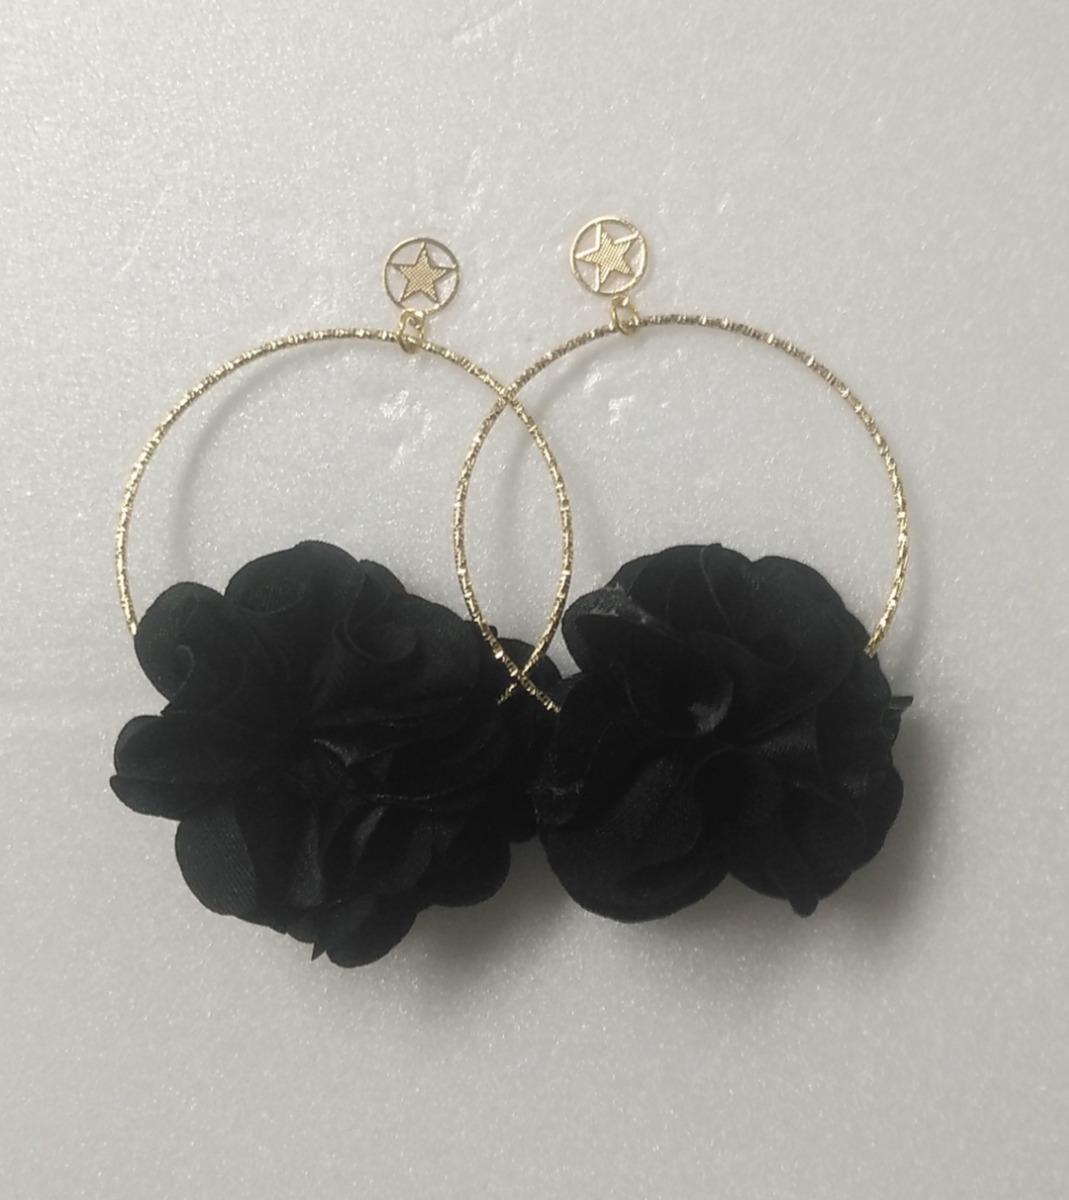 mejor servicio 1c414 84b96 Aretes Pendientes De Moda Para Mujer En Acero Flor Negros